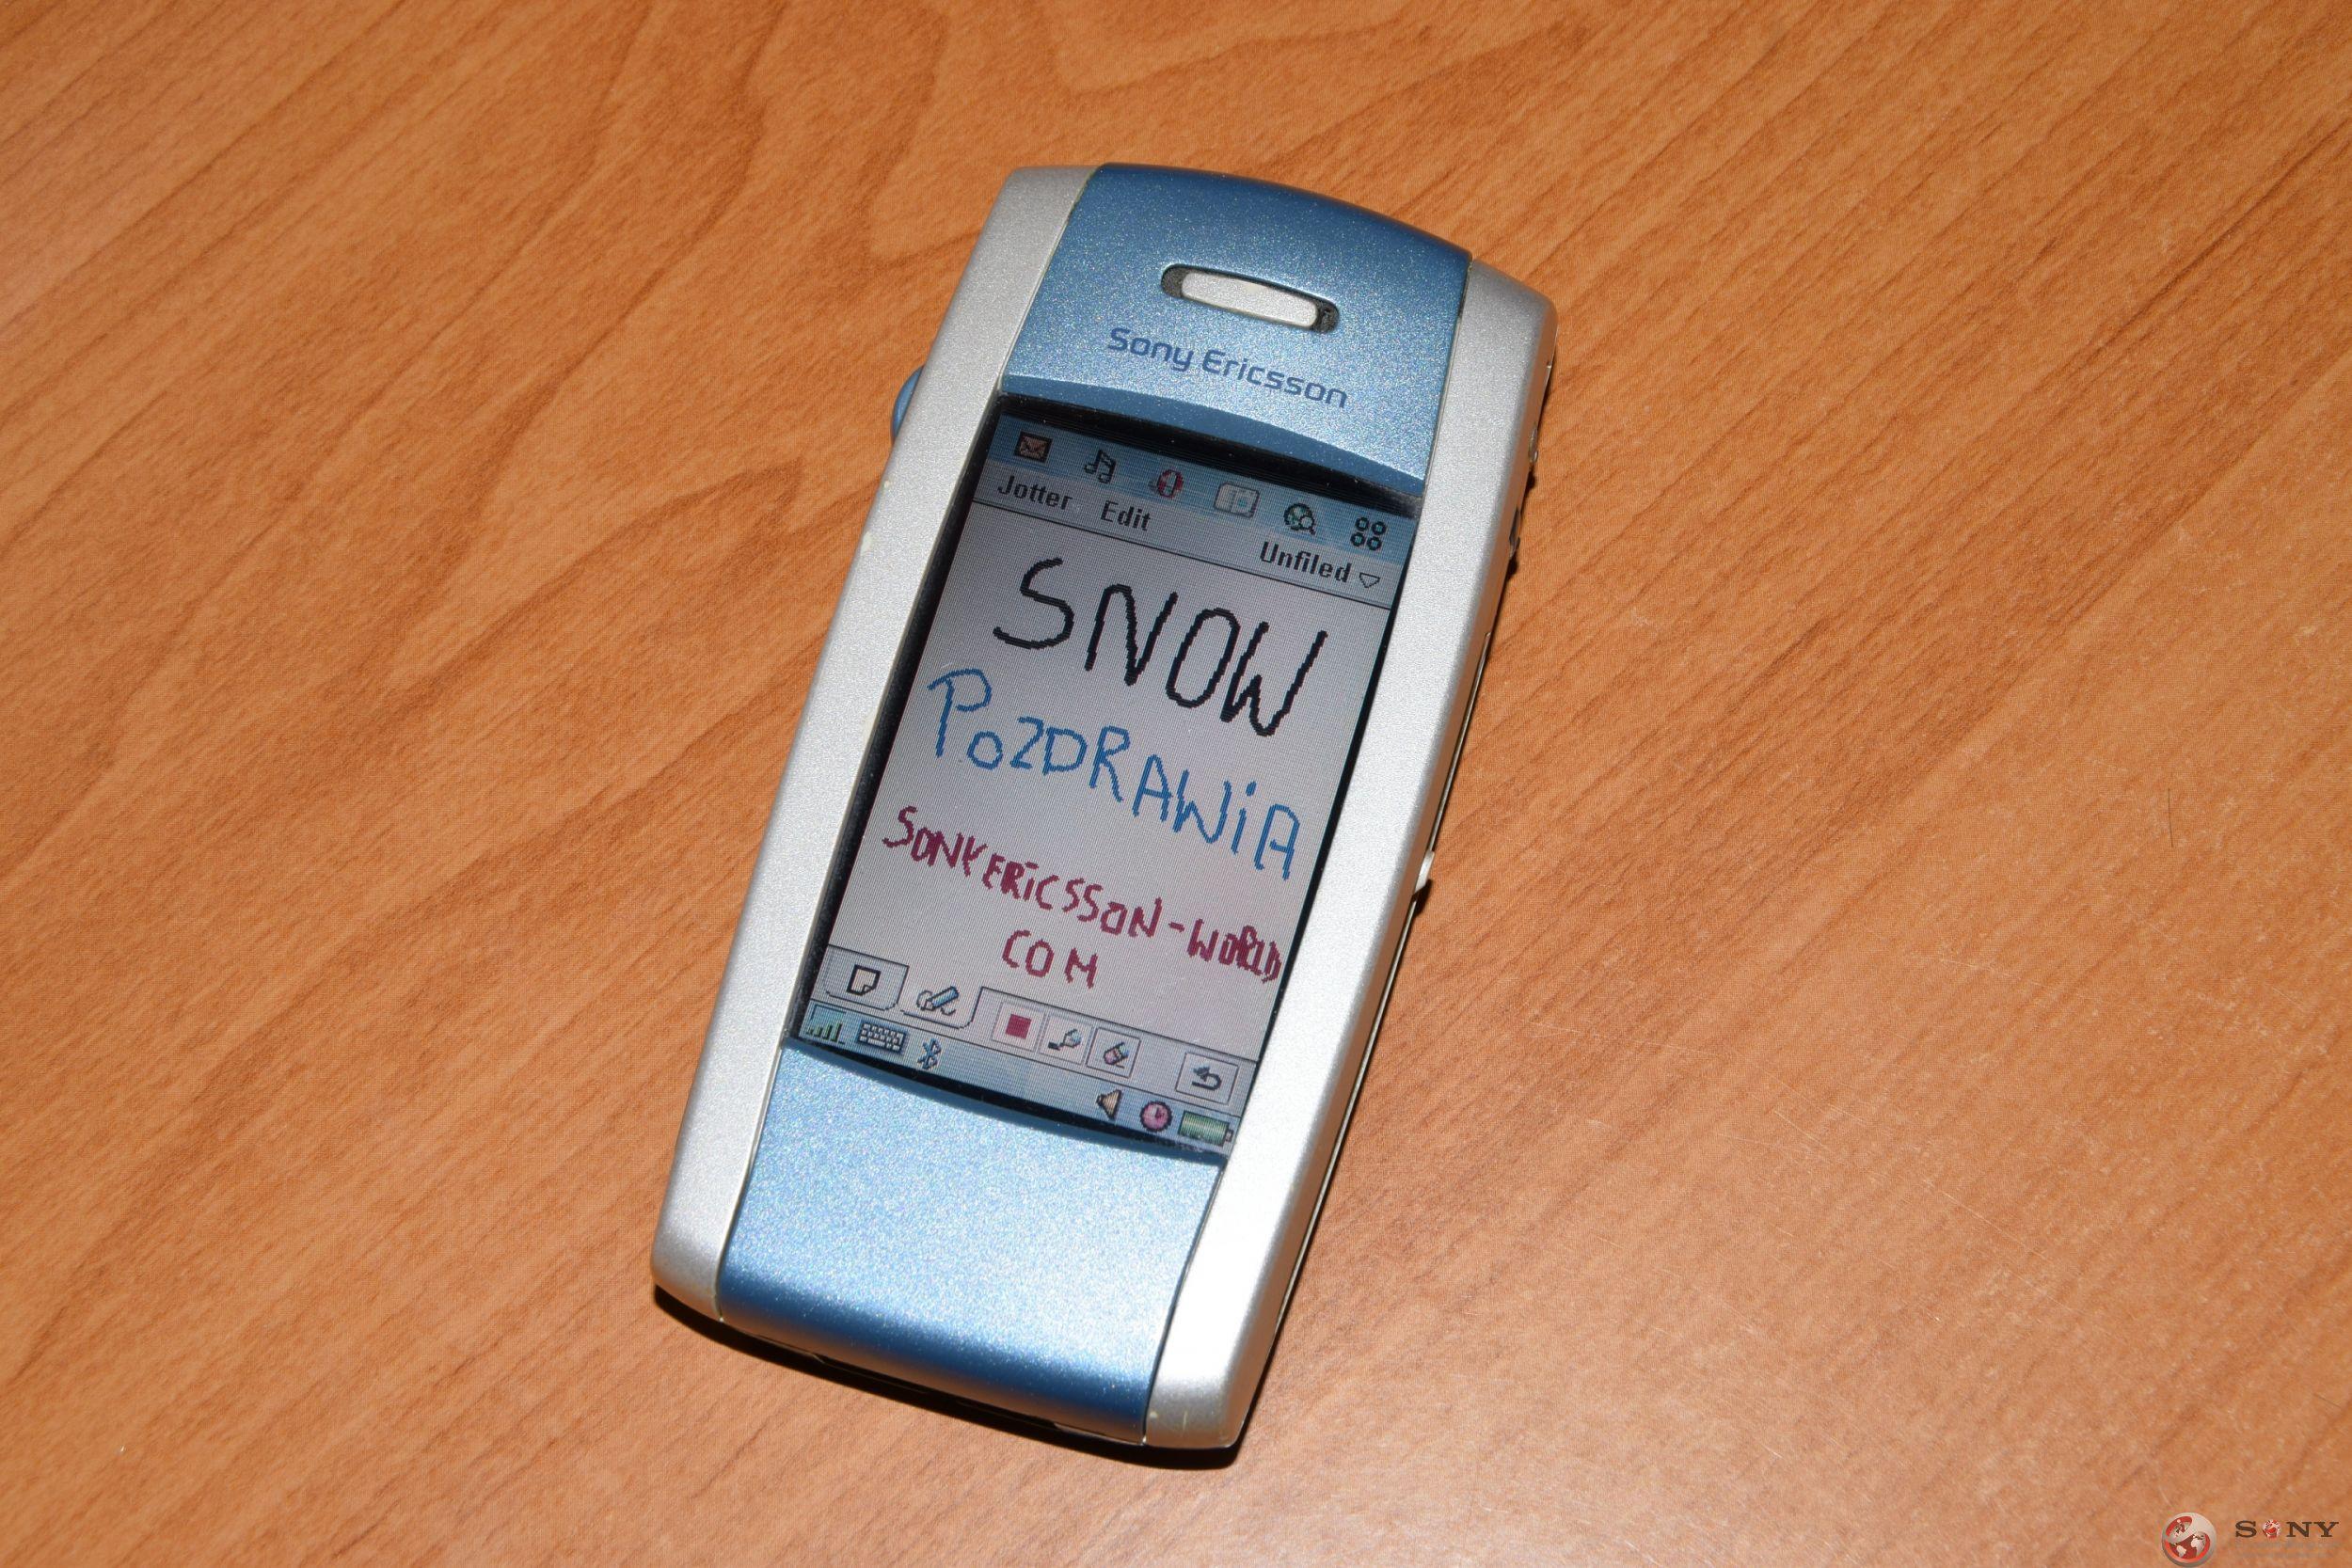 Sony Ericsson P800i